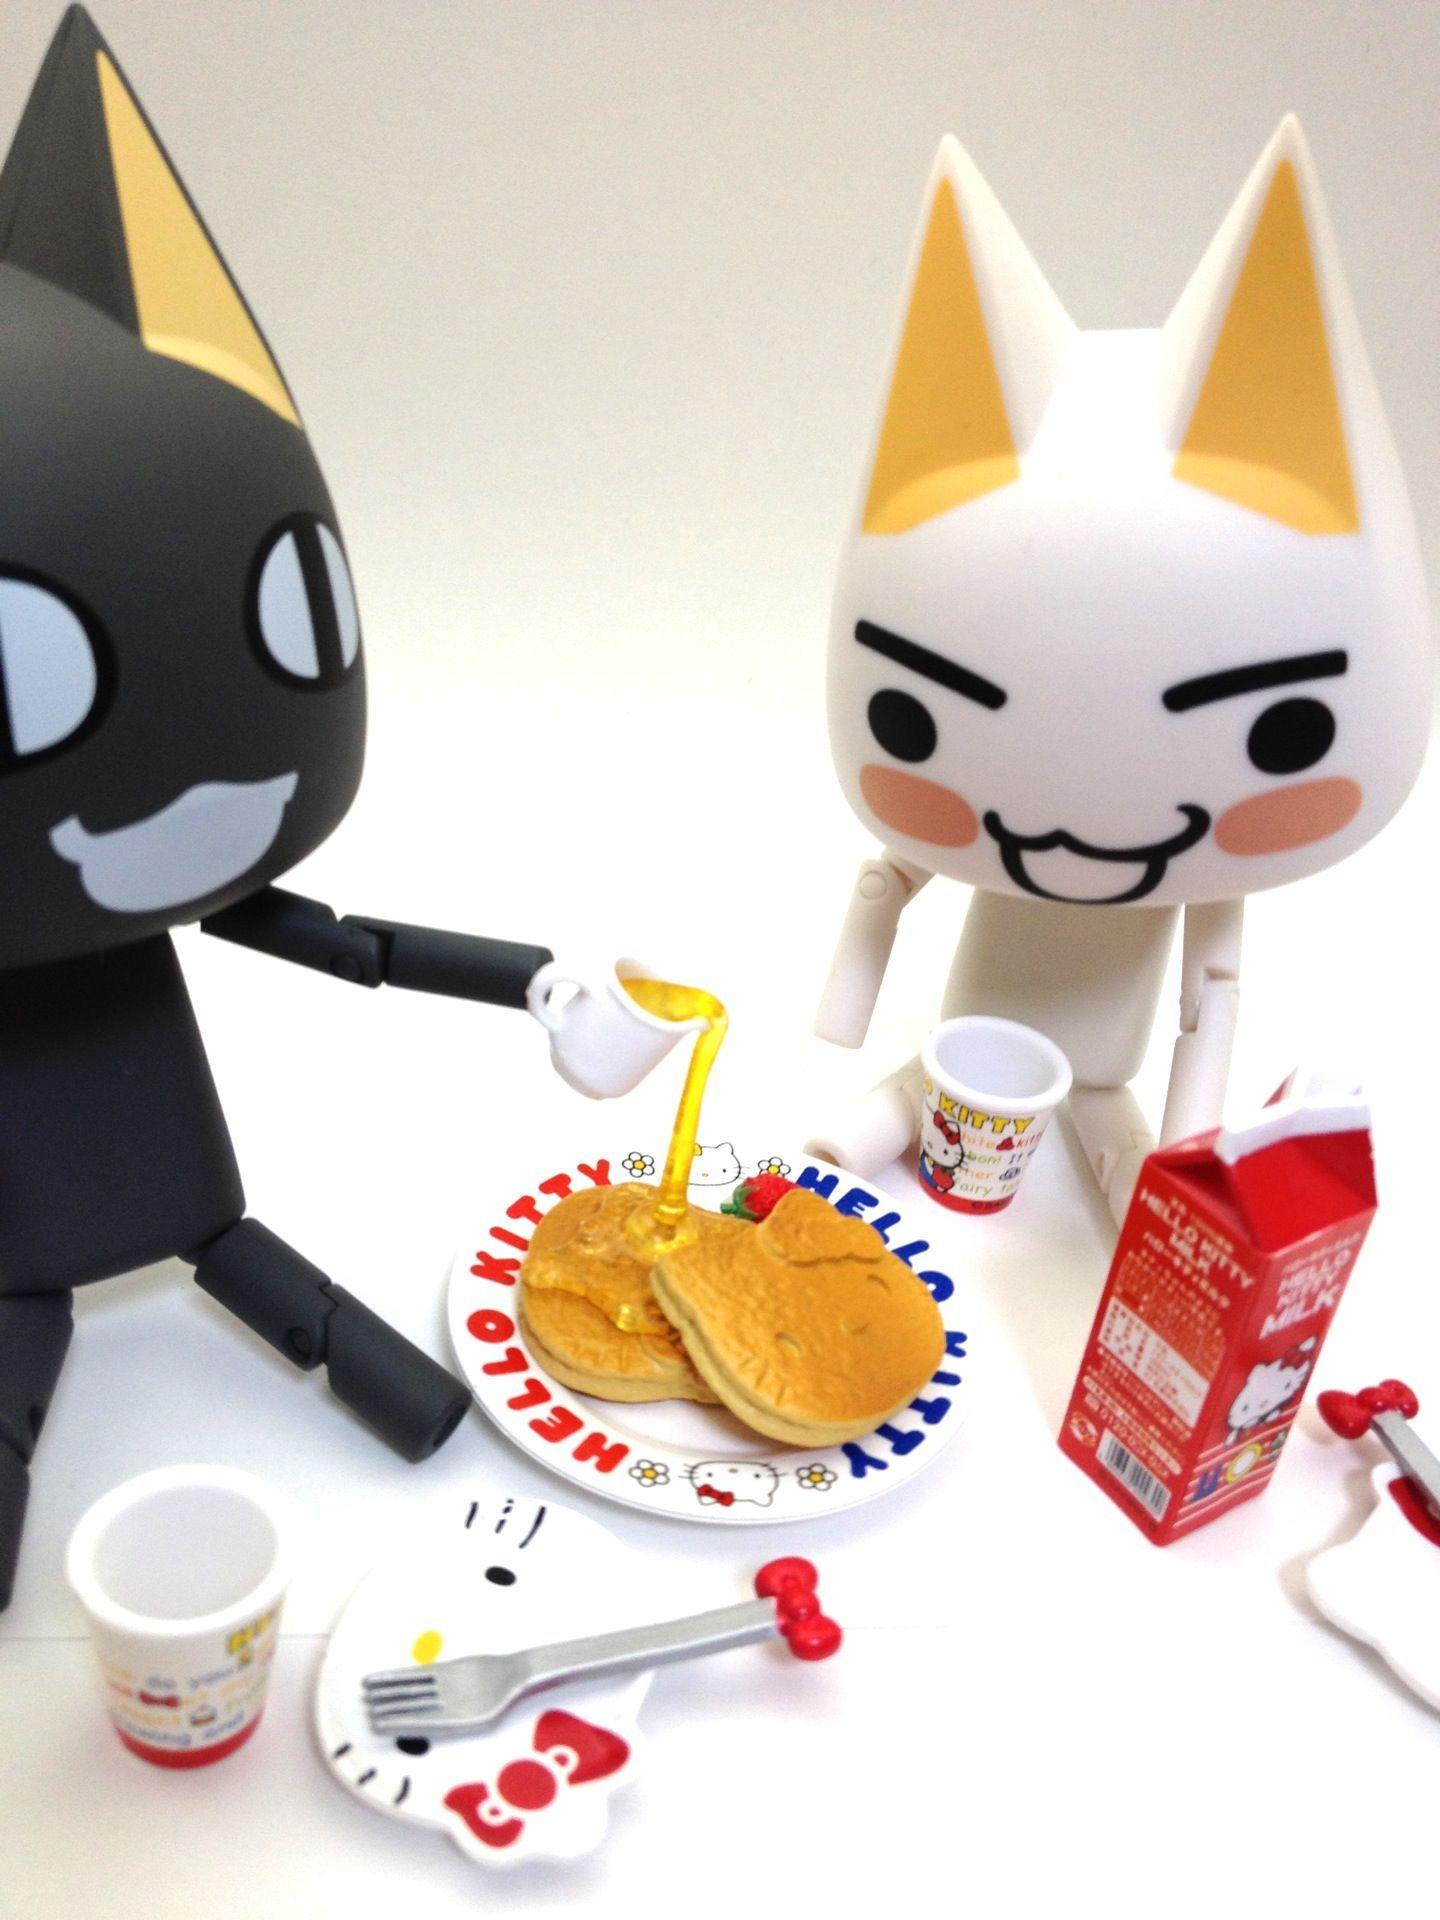 パンケーキを食べようとしているトロとクロです。